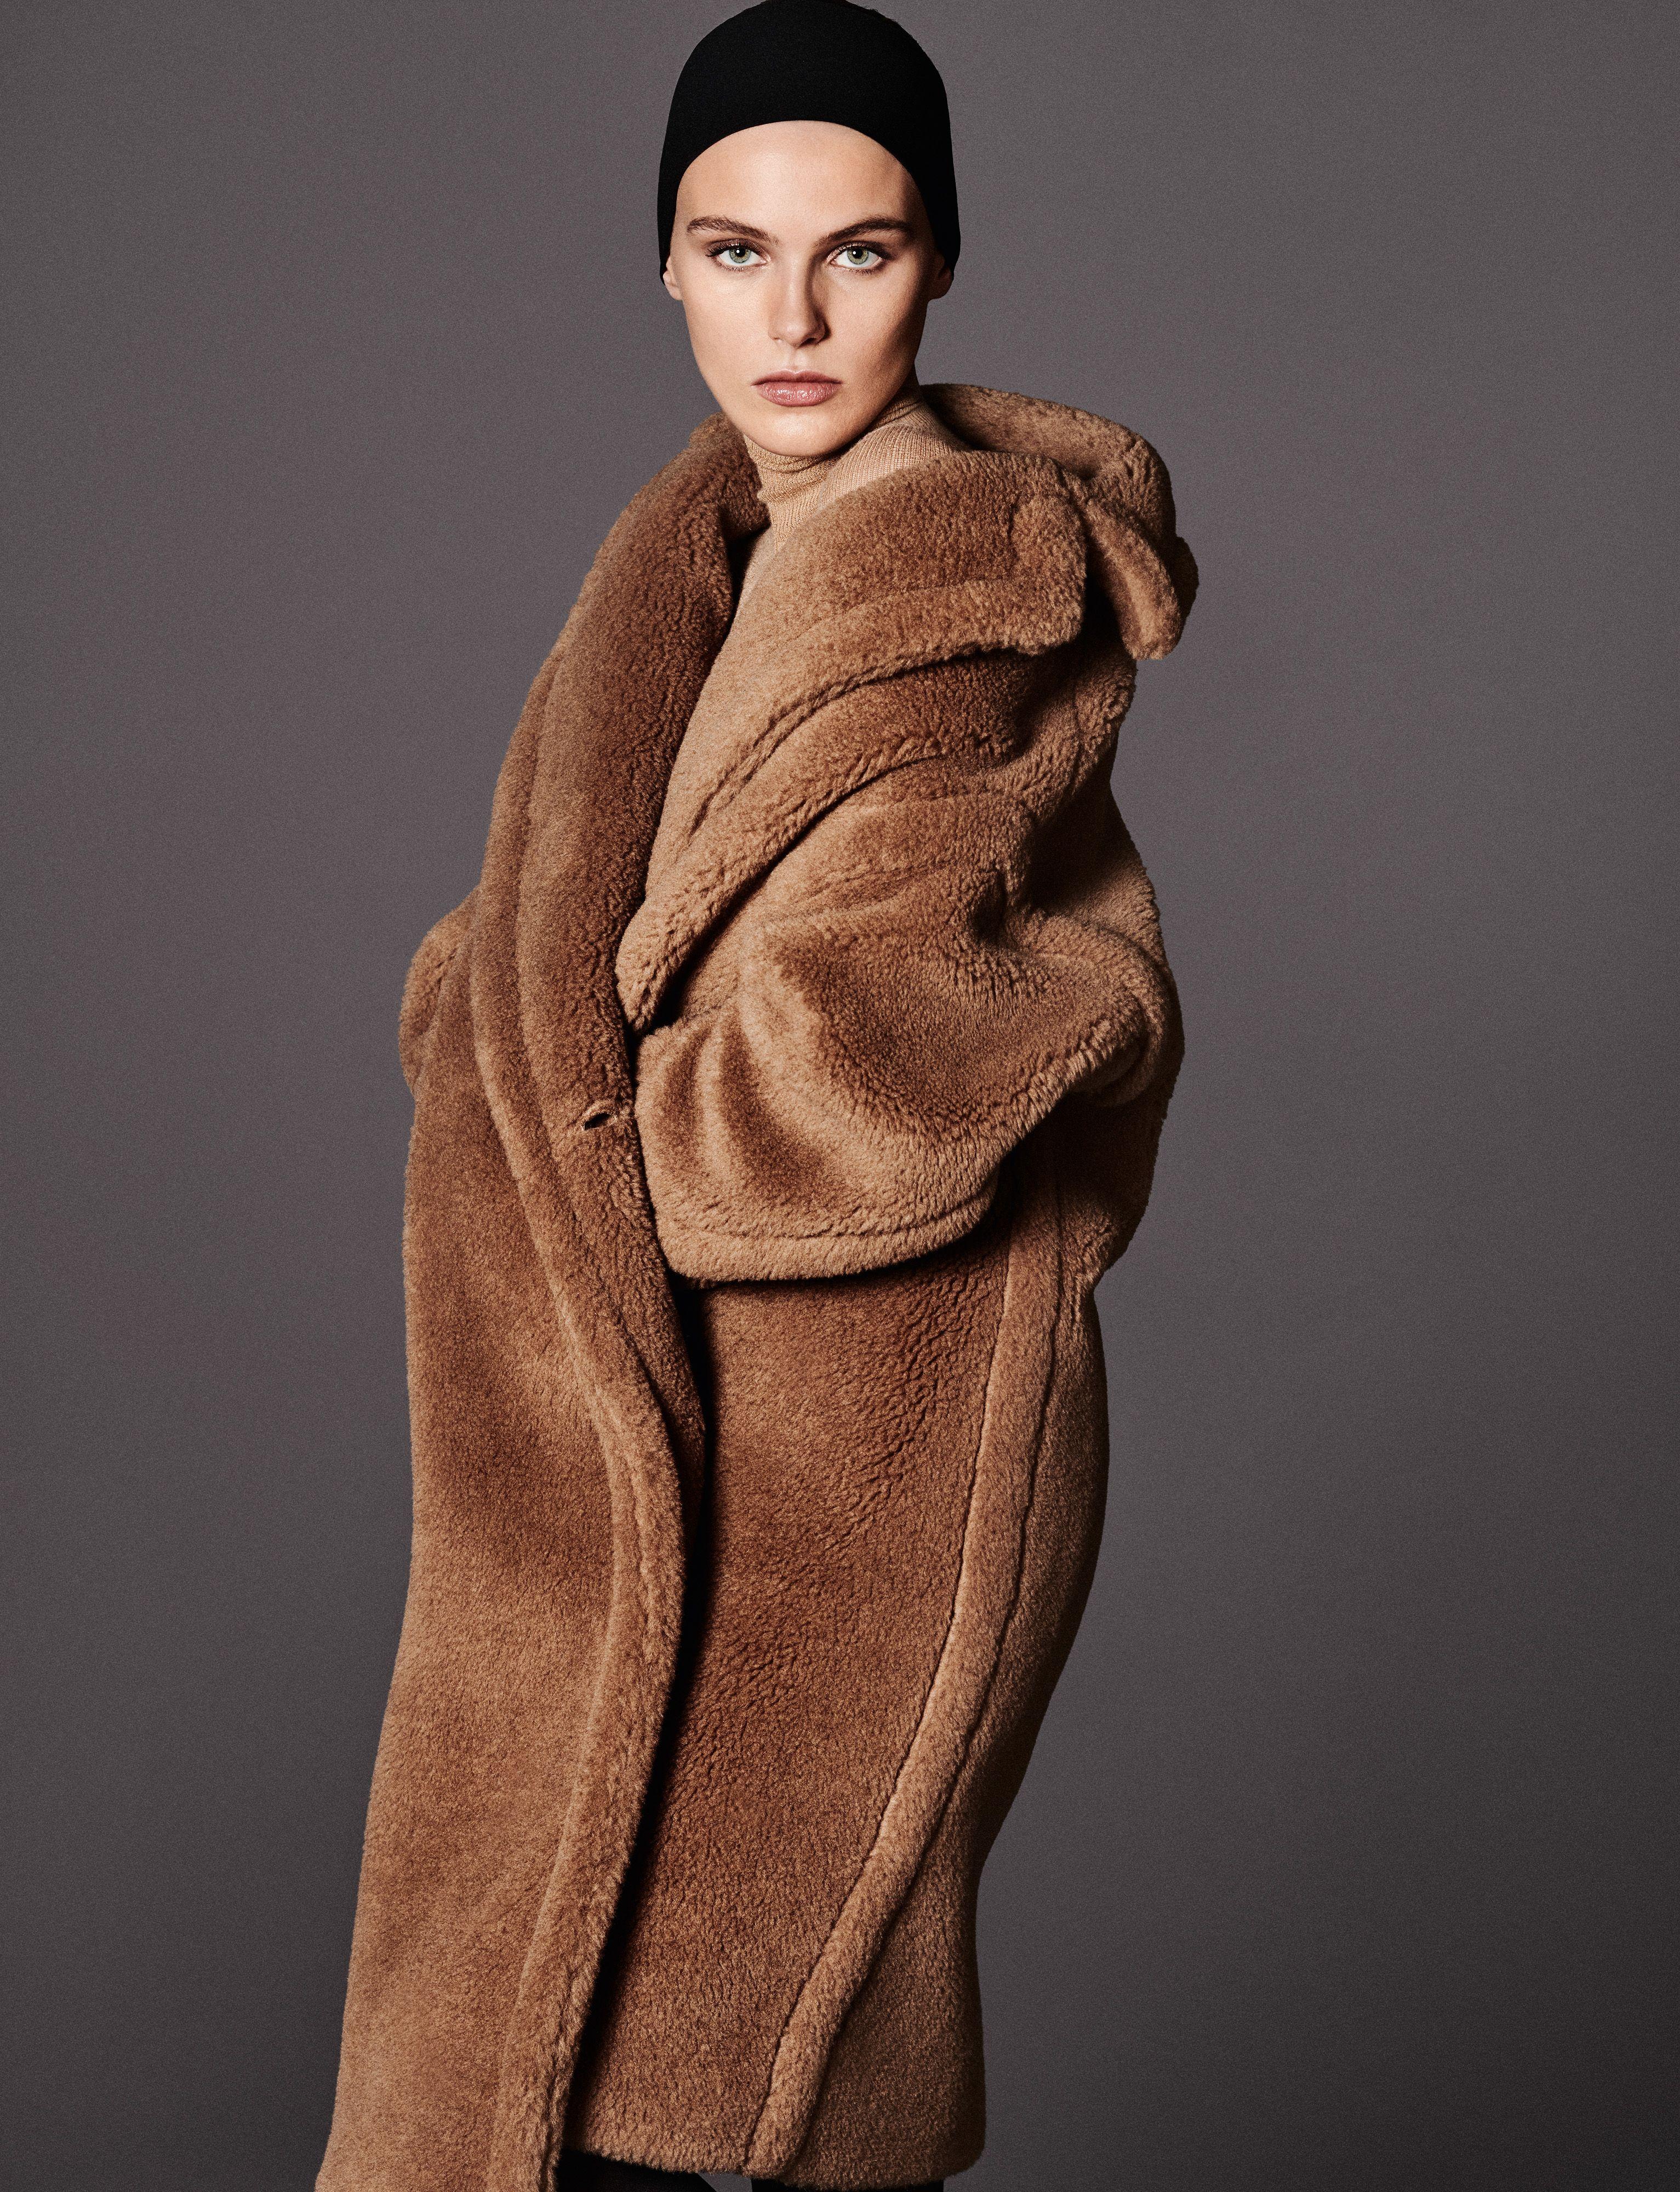 17+ Max mara teddy bear coat trends